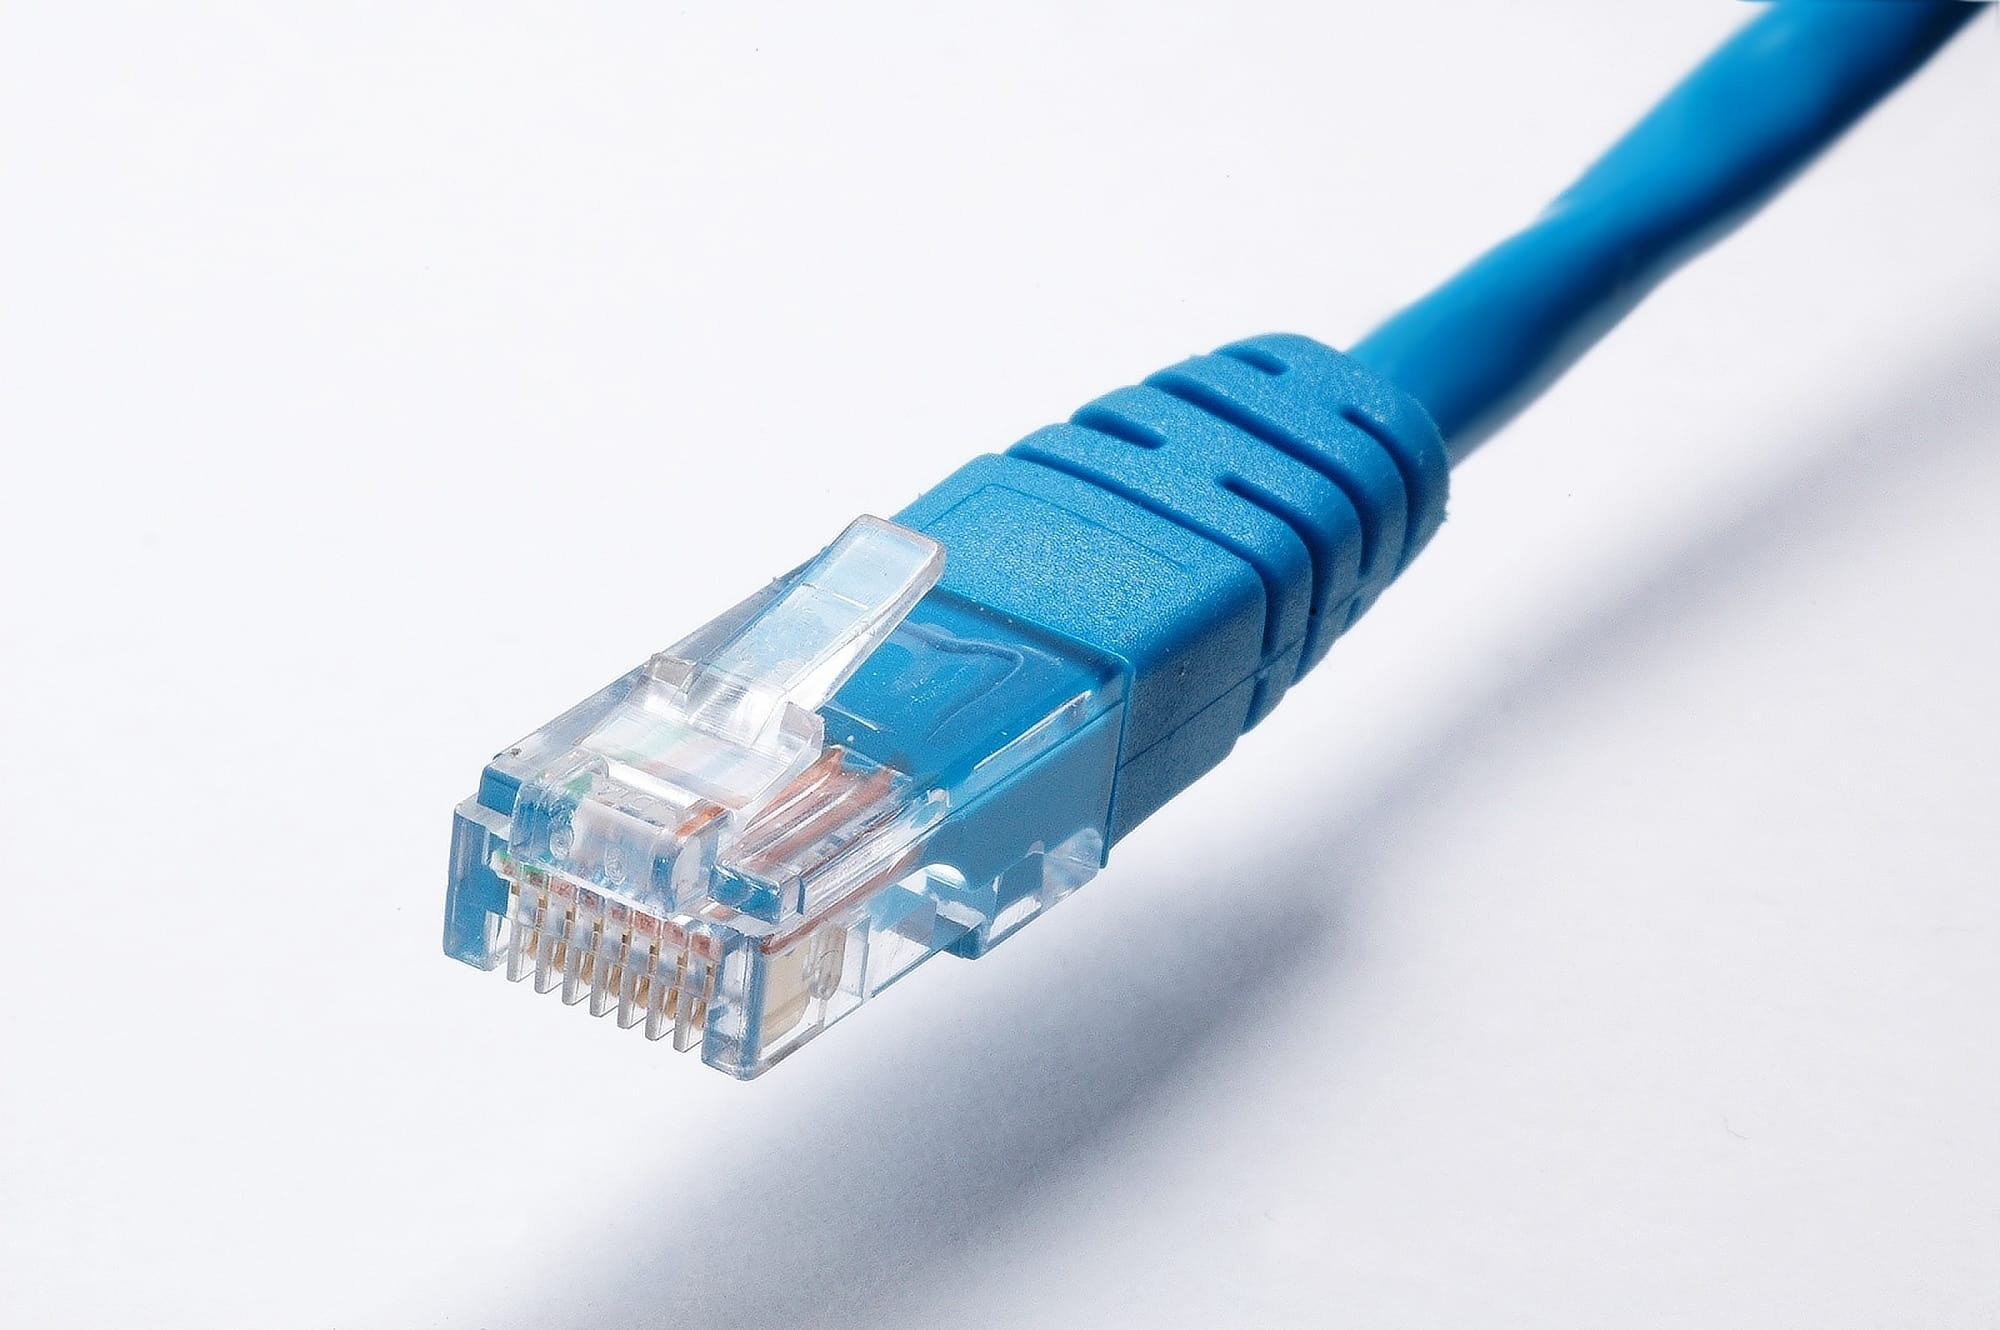 Køb et Access Point og USB-A til MICRO-B kabler online